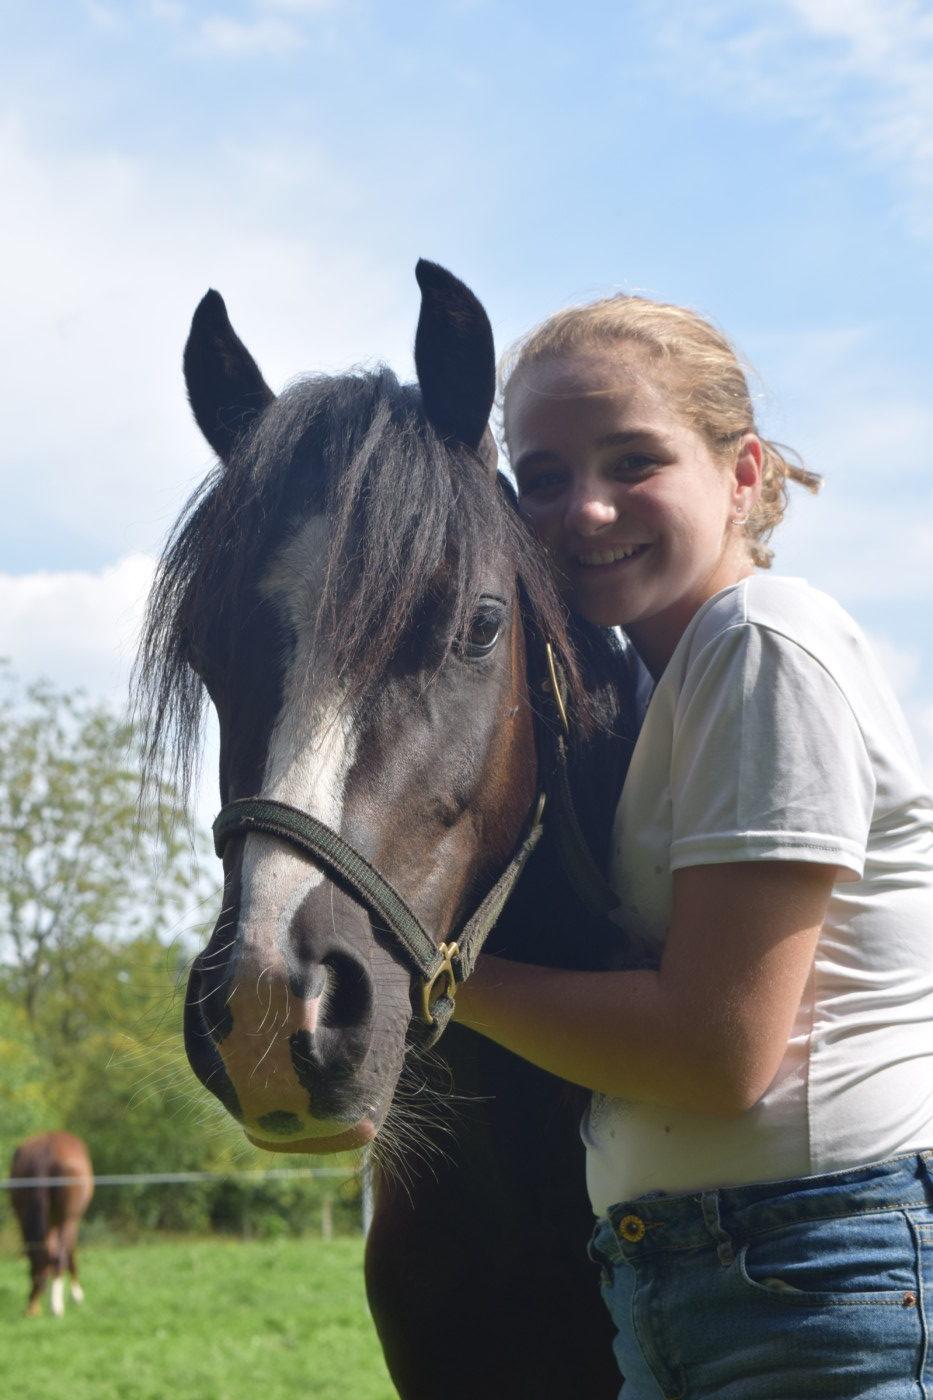 Hoe krijg ik een pony van mijn ouders?